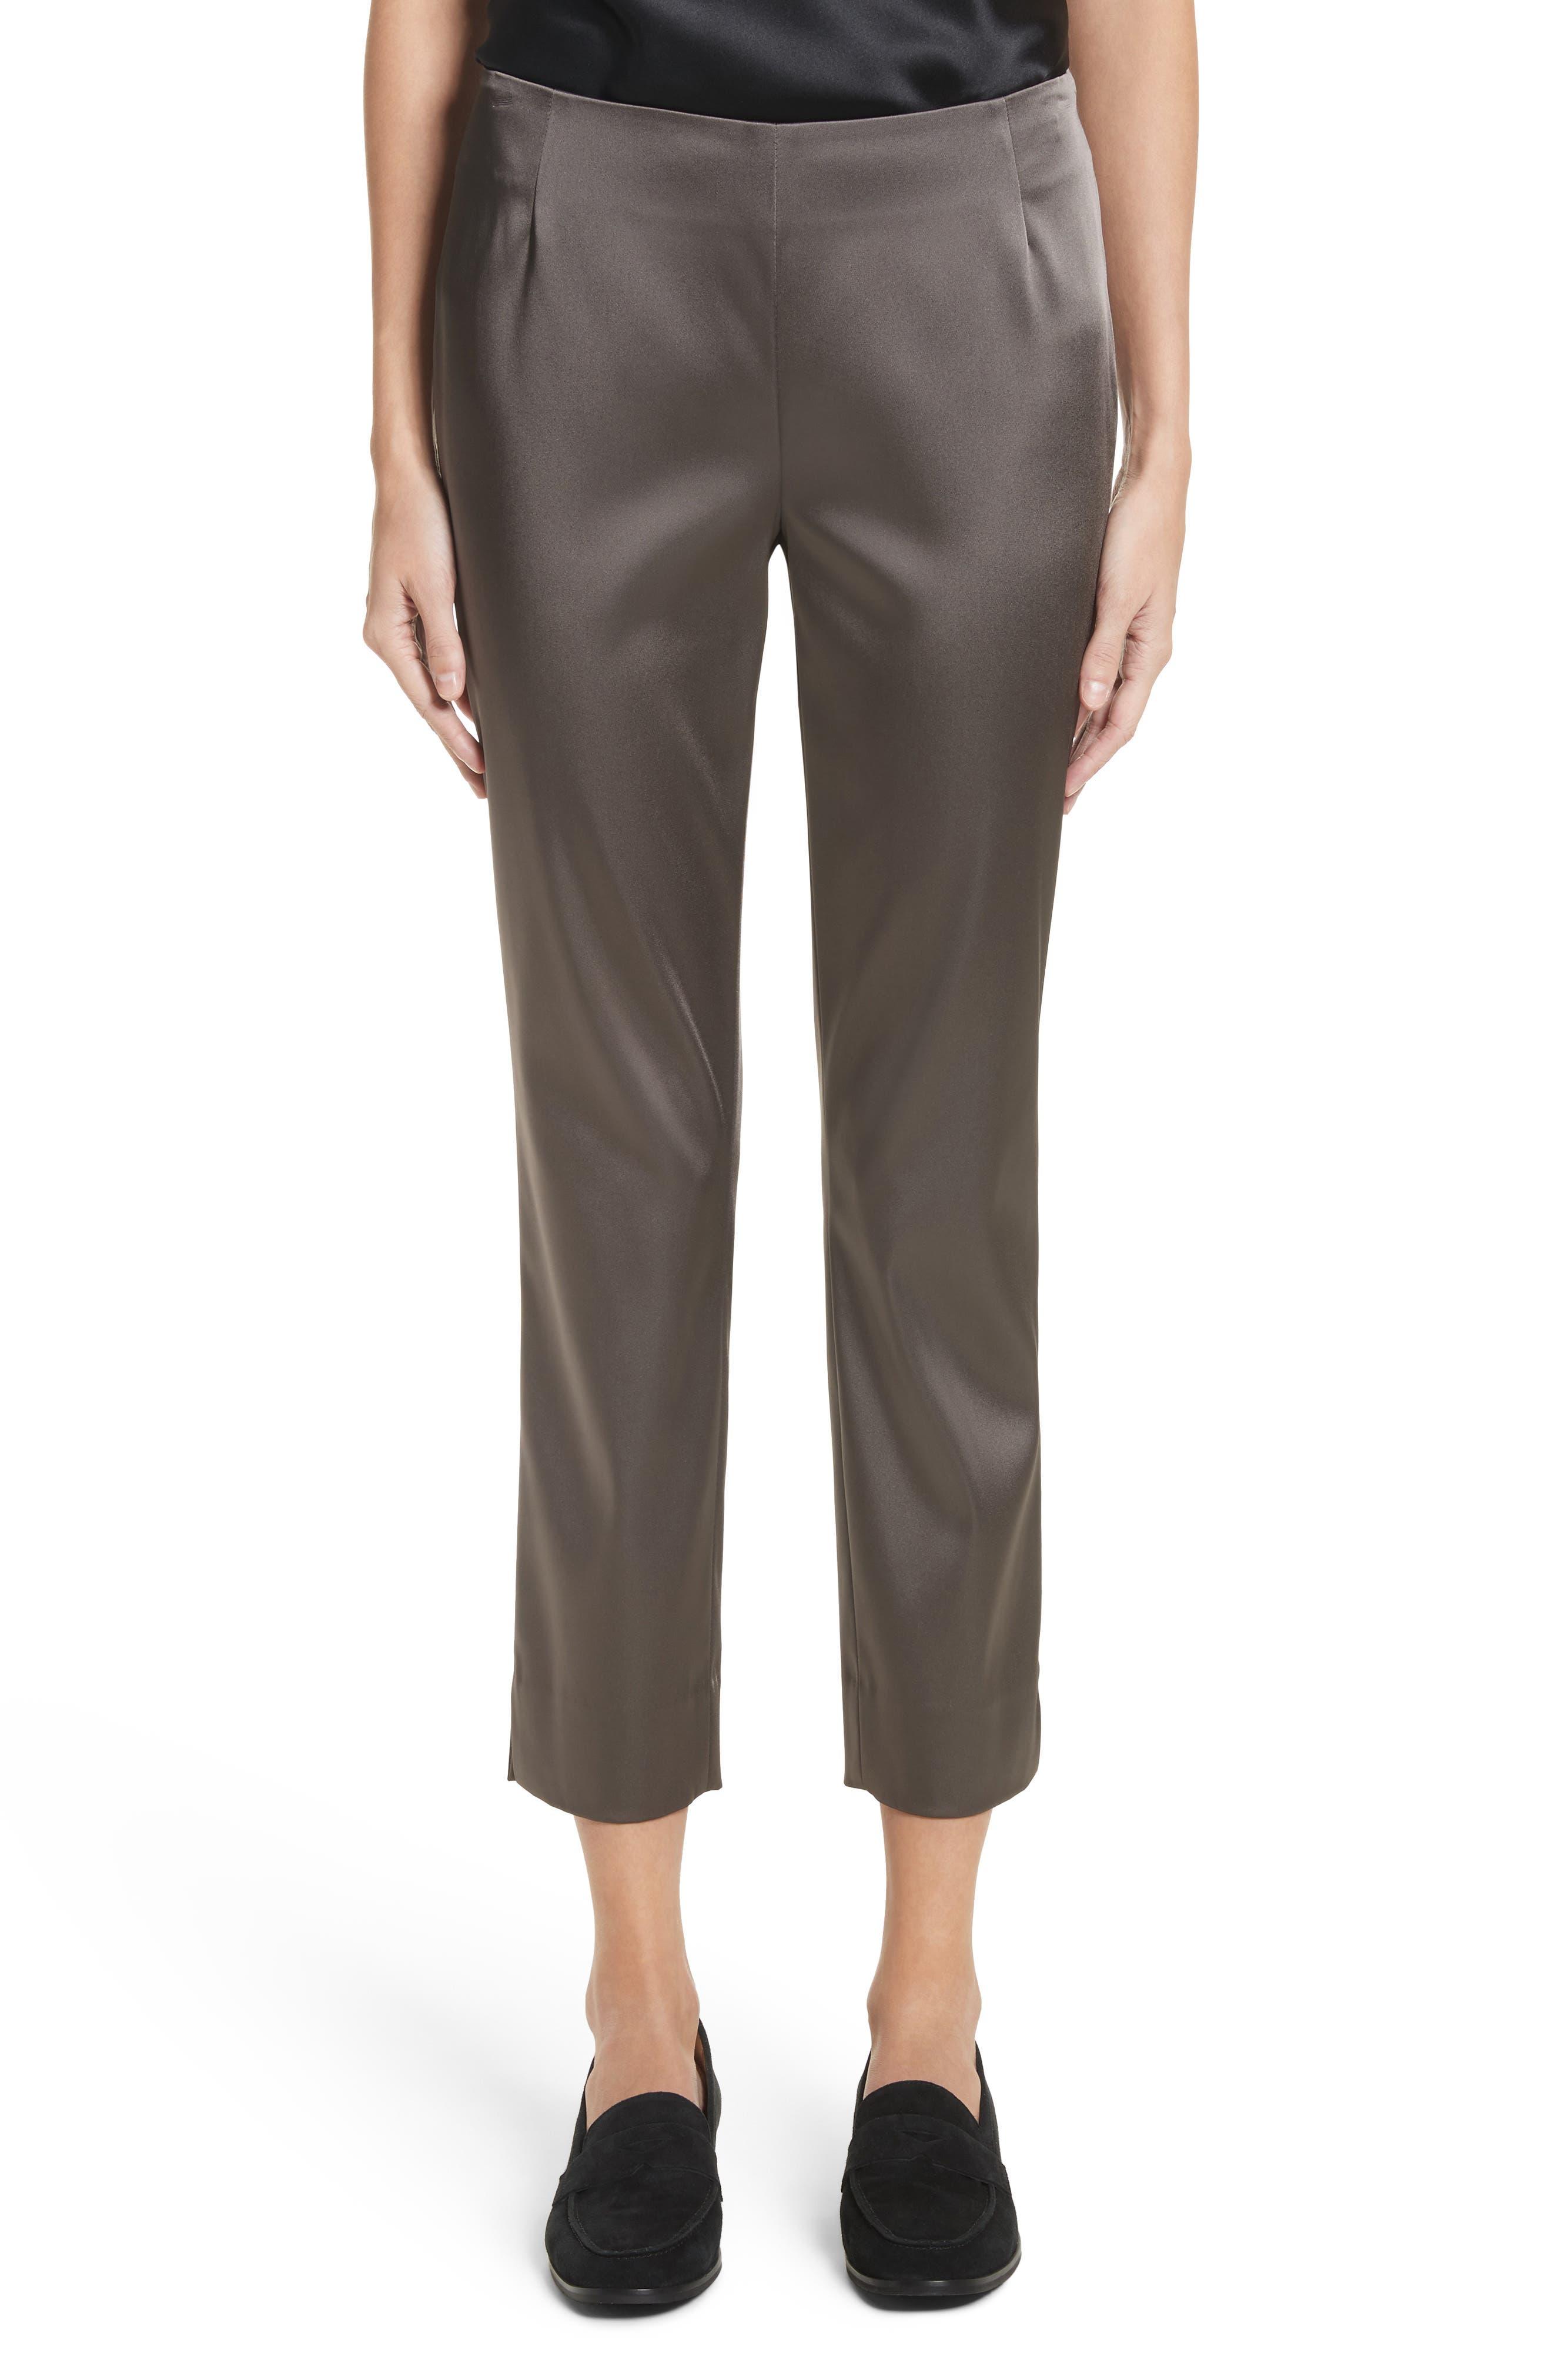 'Stanton - Belle Satin' Pants,                         Main,                         color, Lead